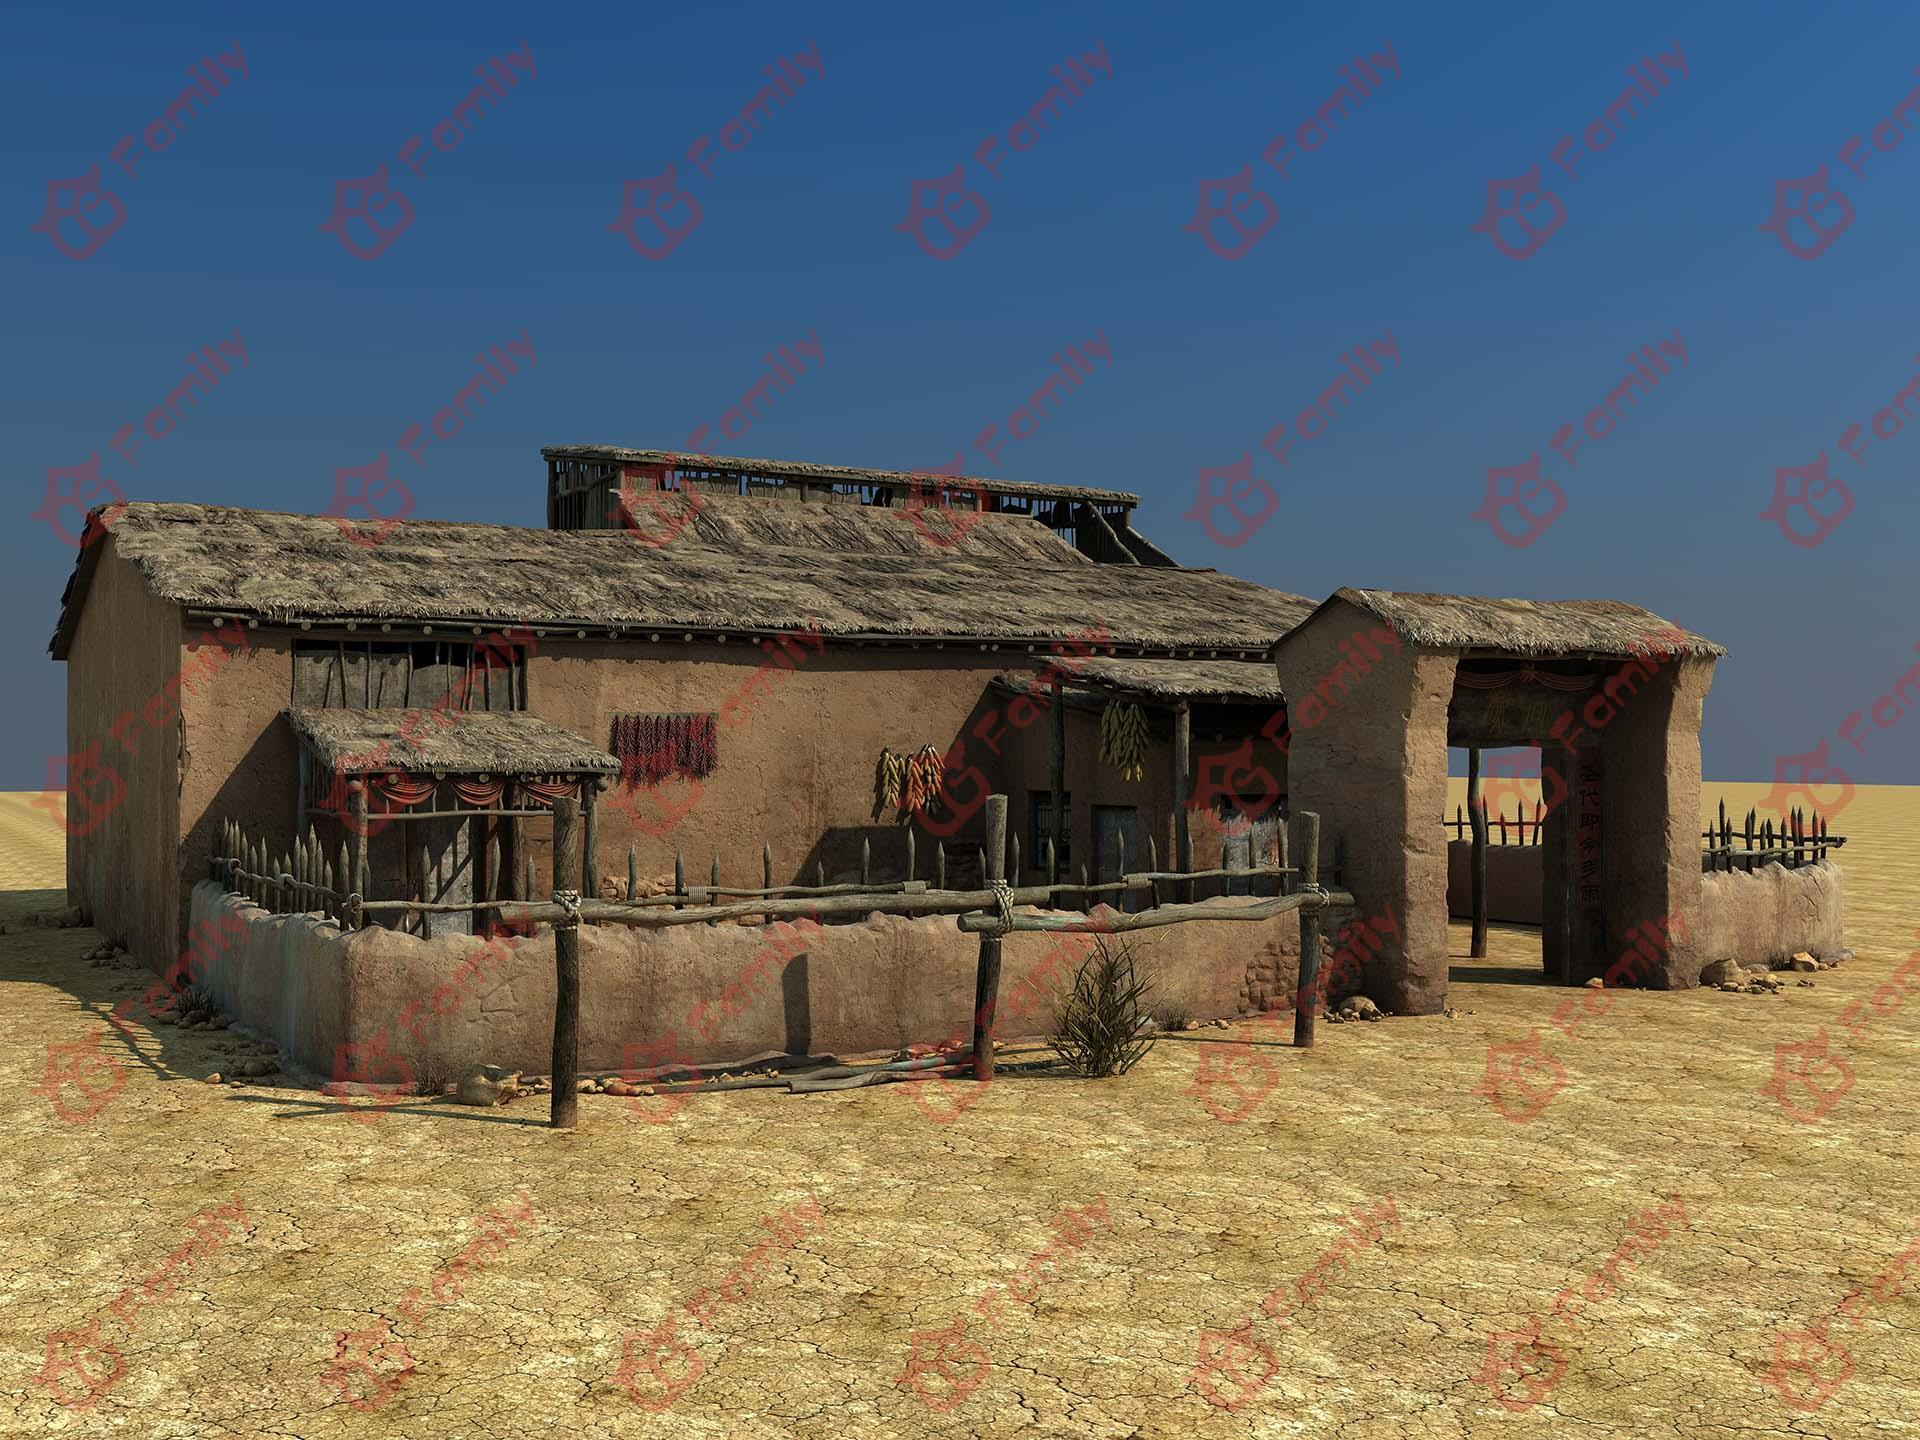 荒漠土屋cg模型下载